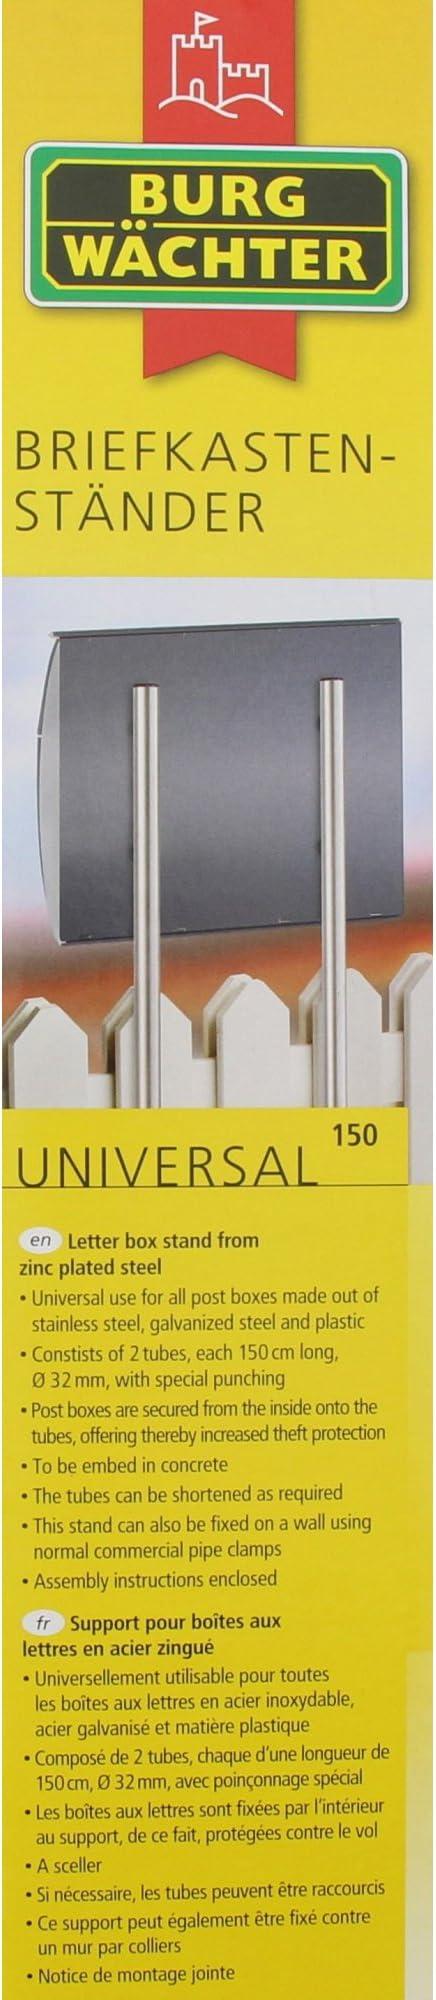 BURG-WÄCHTER Briefkastenständer Universal 150 Si Briefkasten Ständer Standfuß